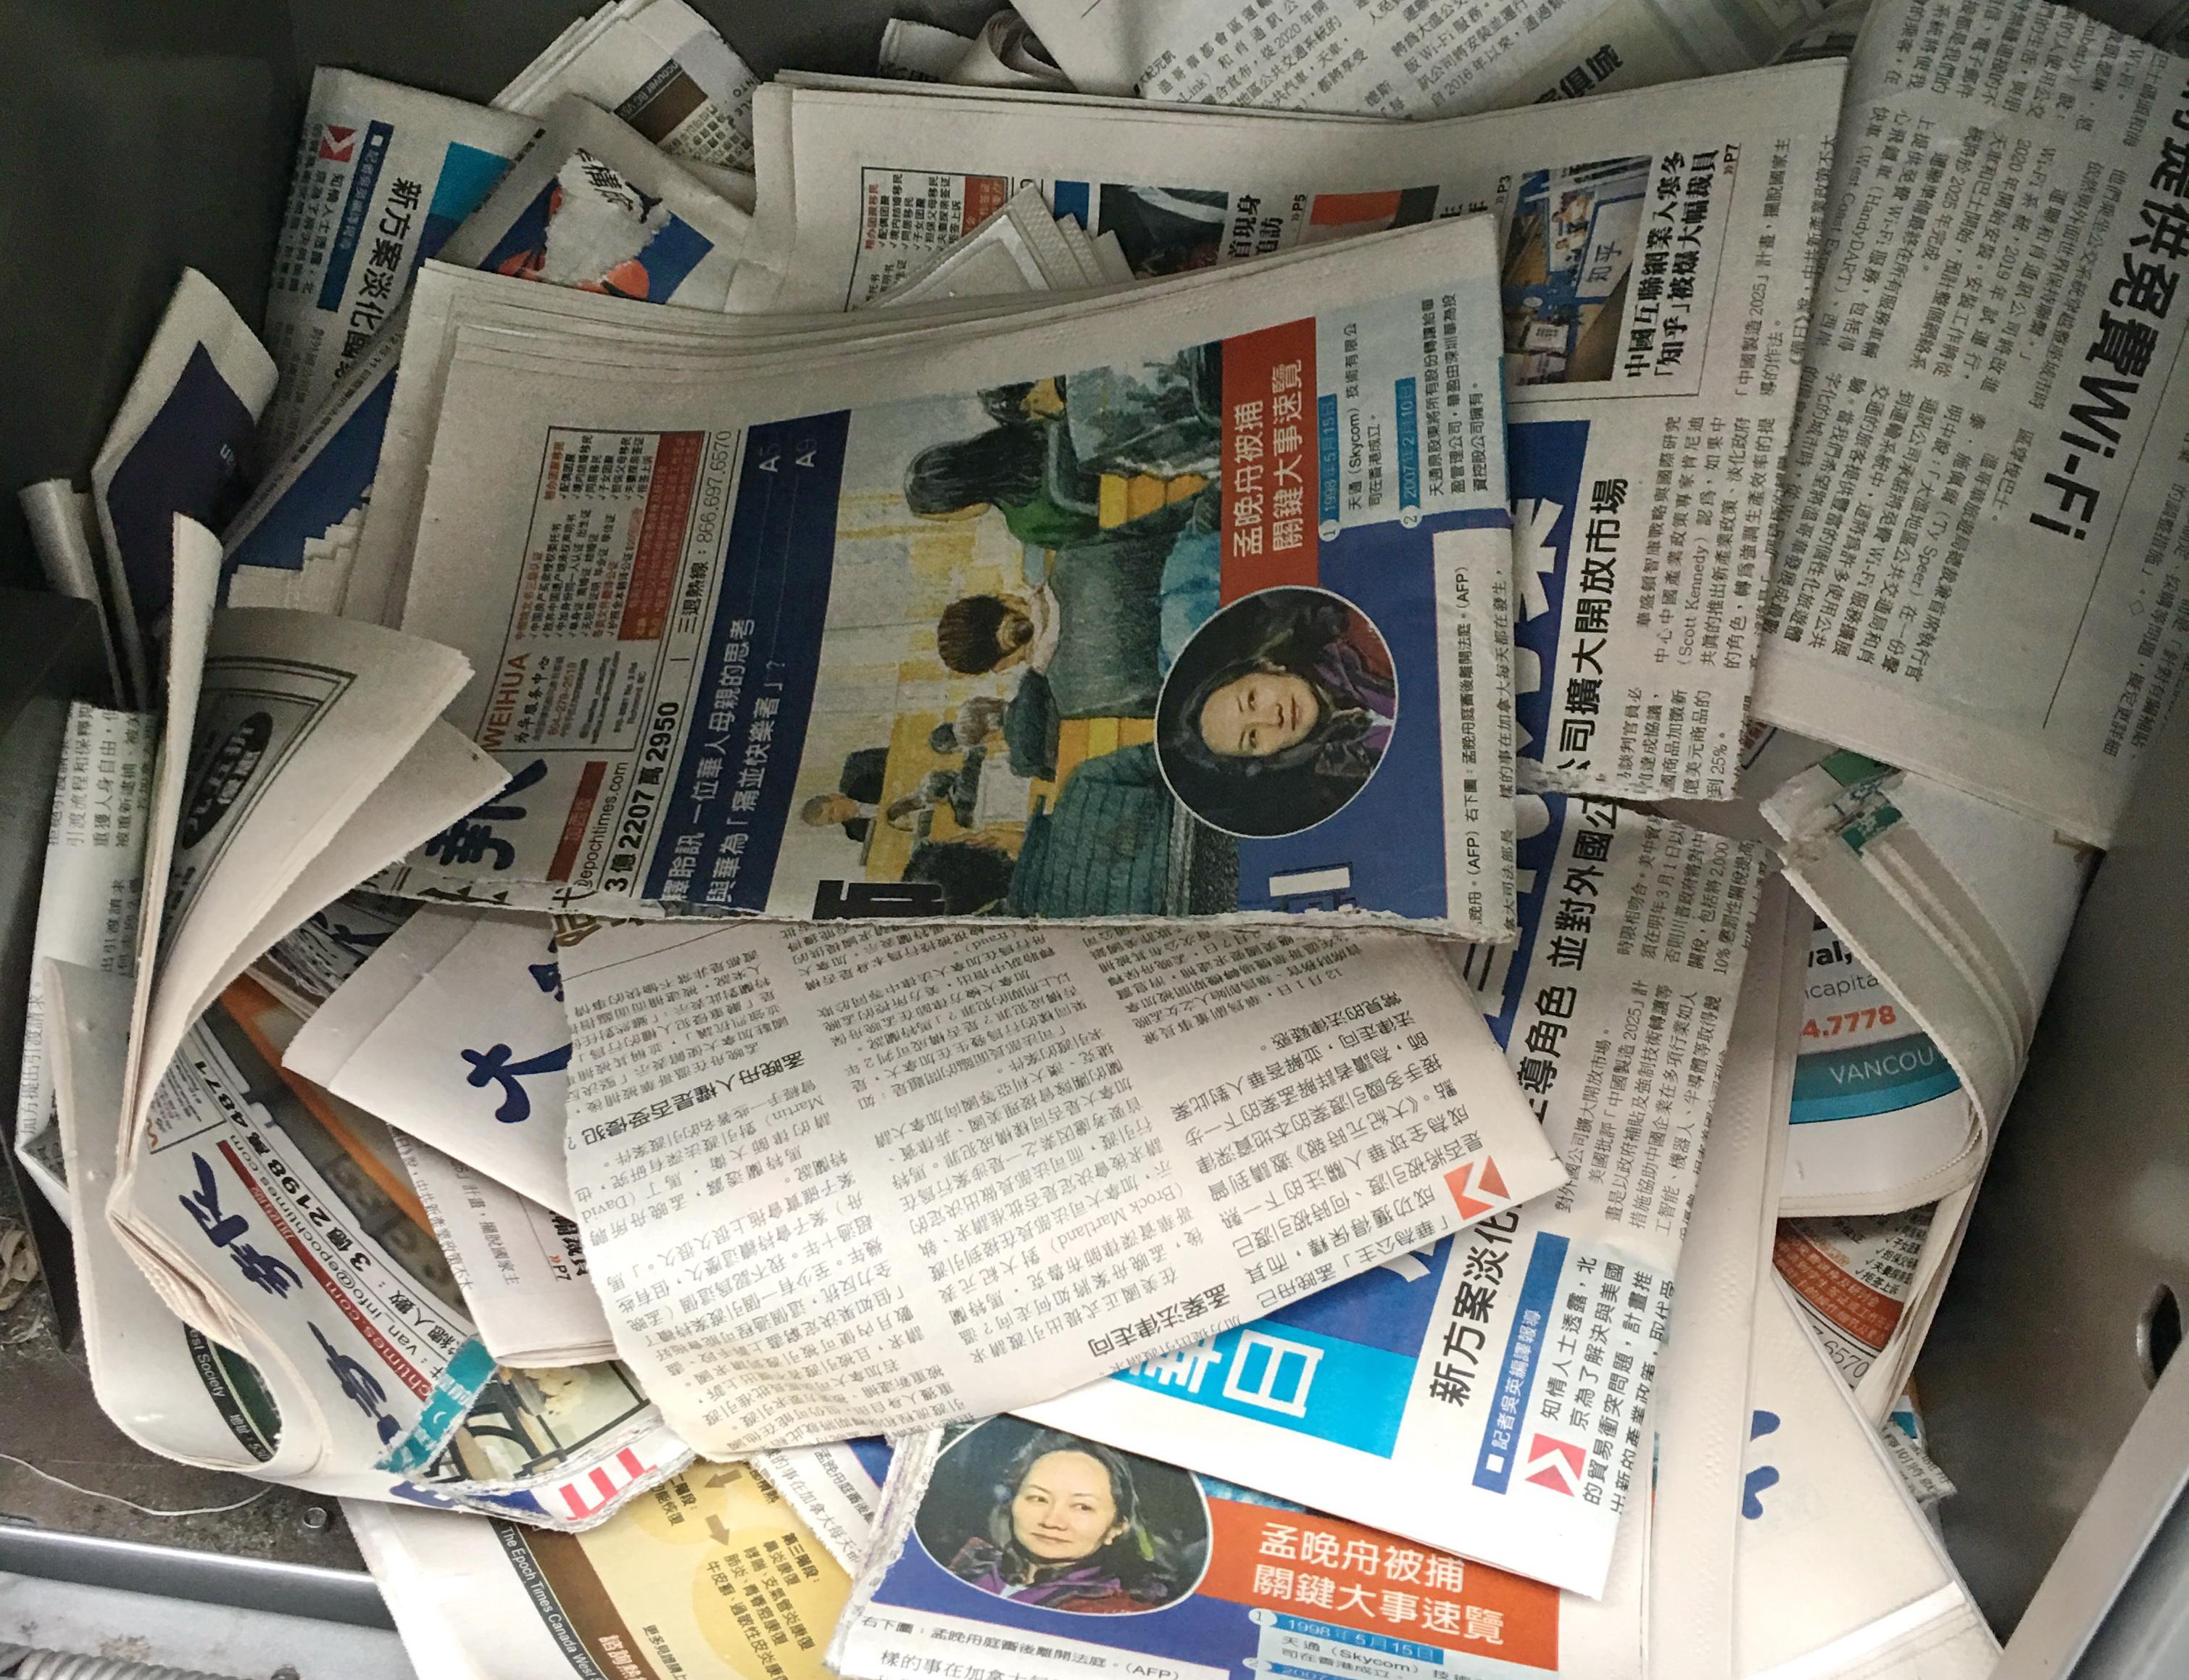 報道孟晚舟觸中共痛處 溫哥華大紀元報被偷